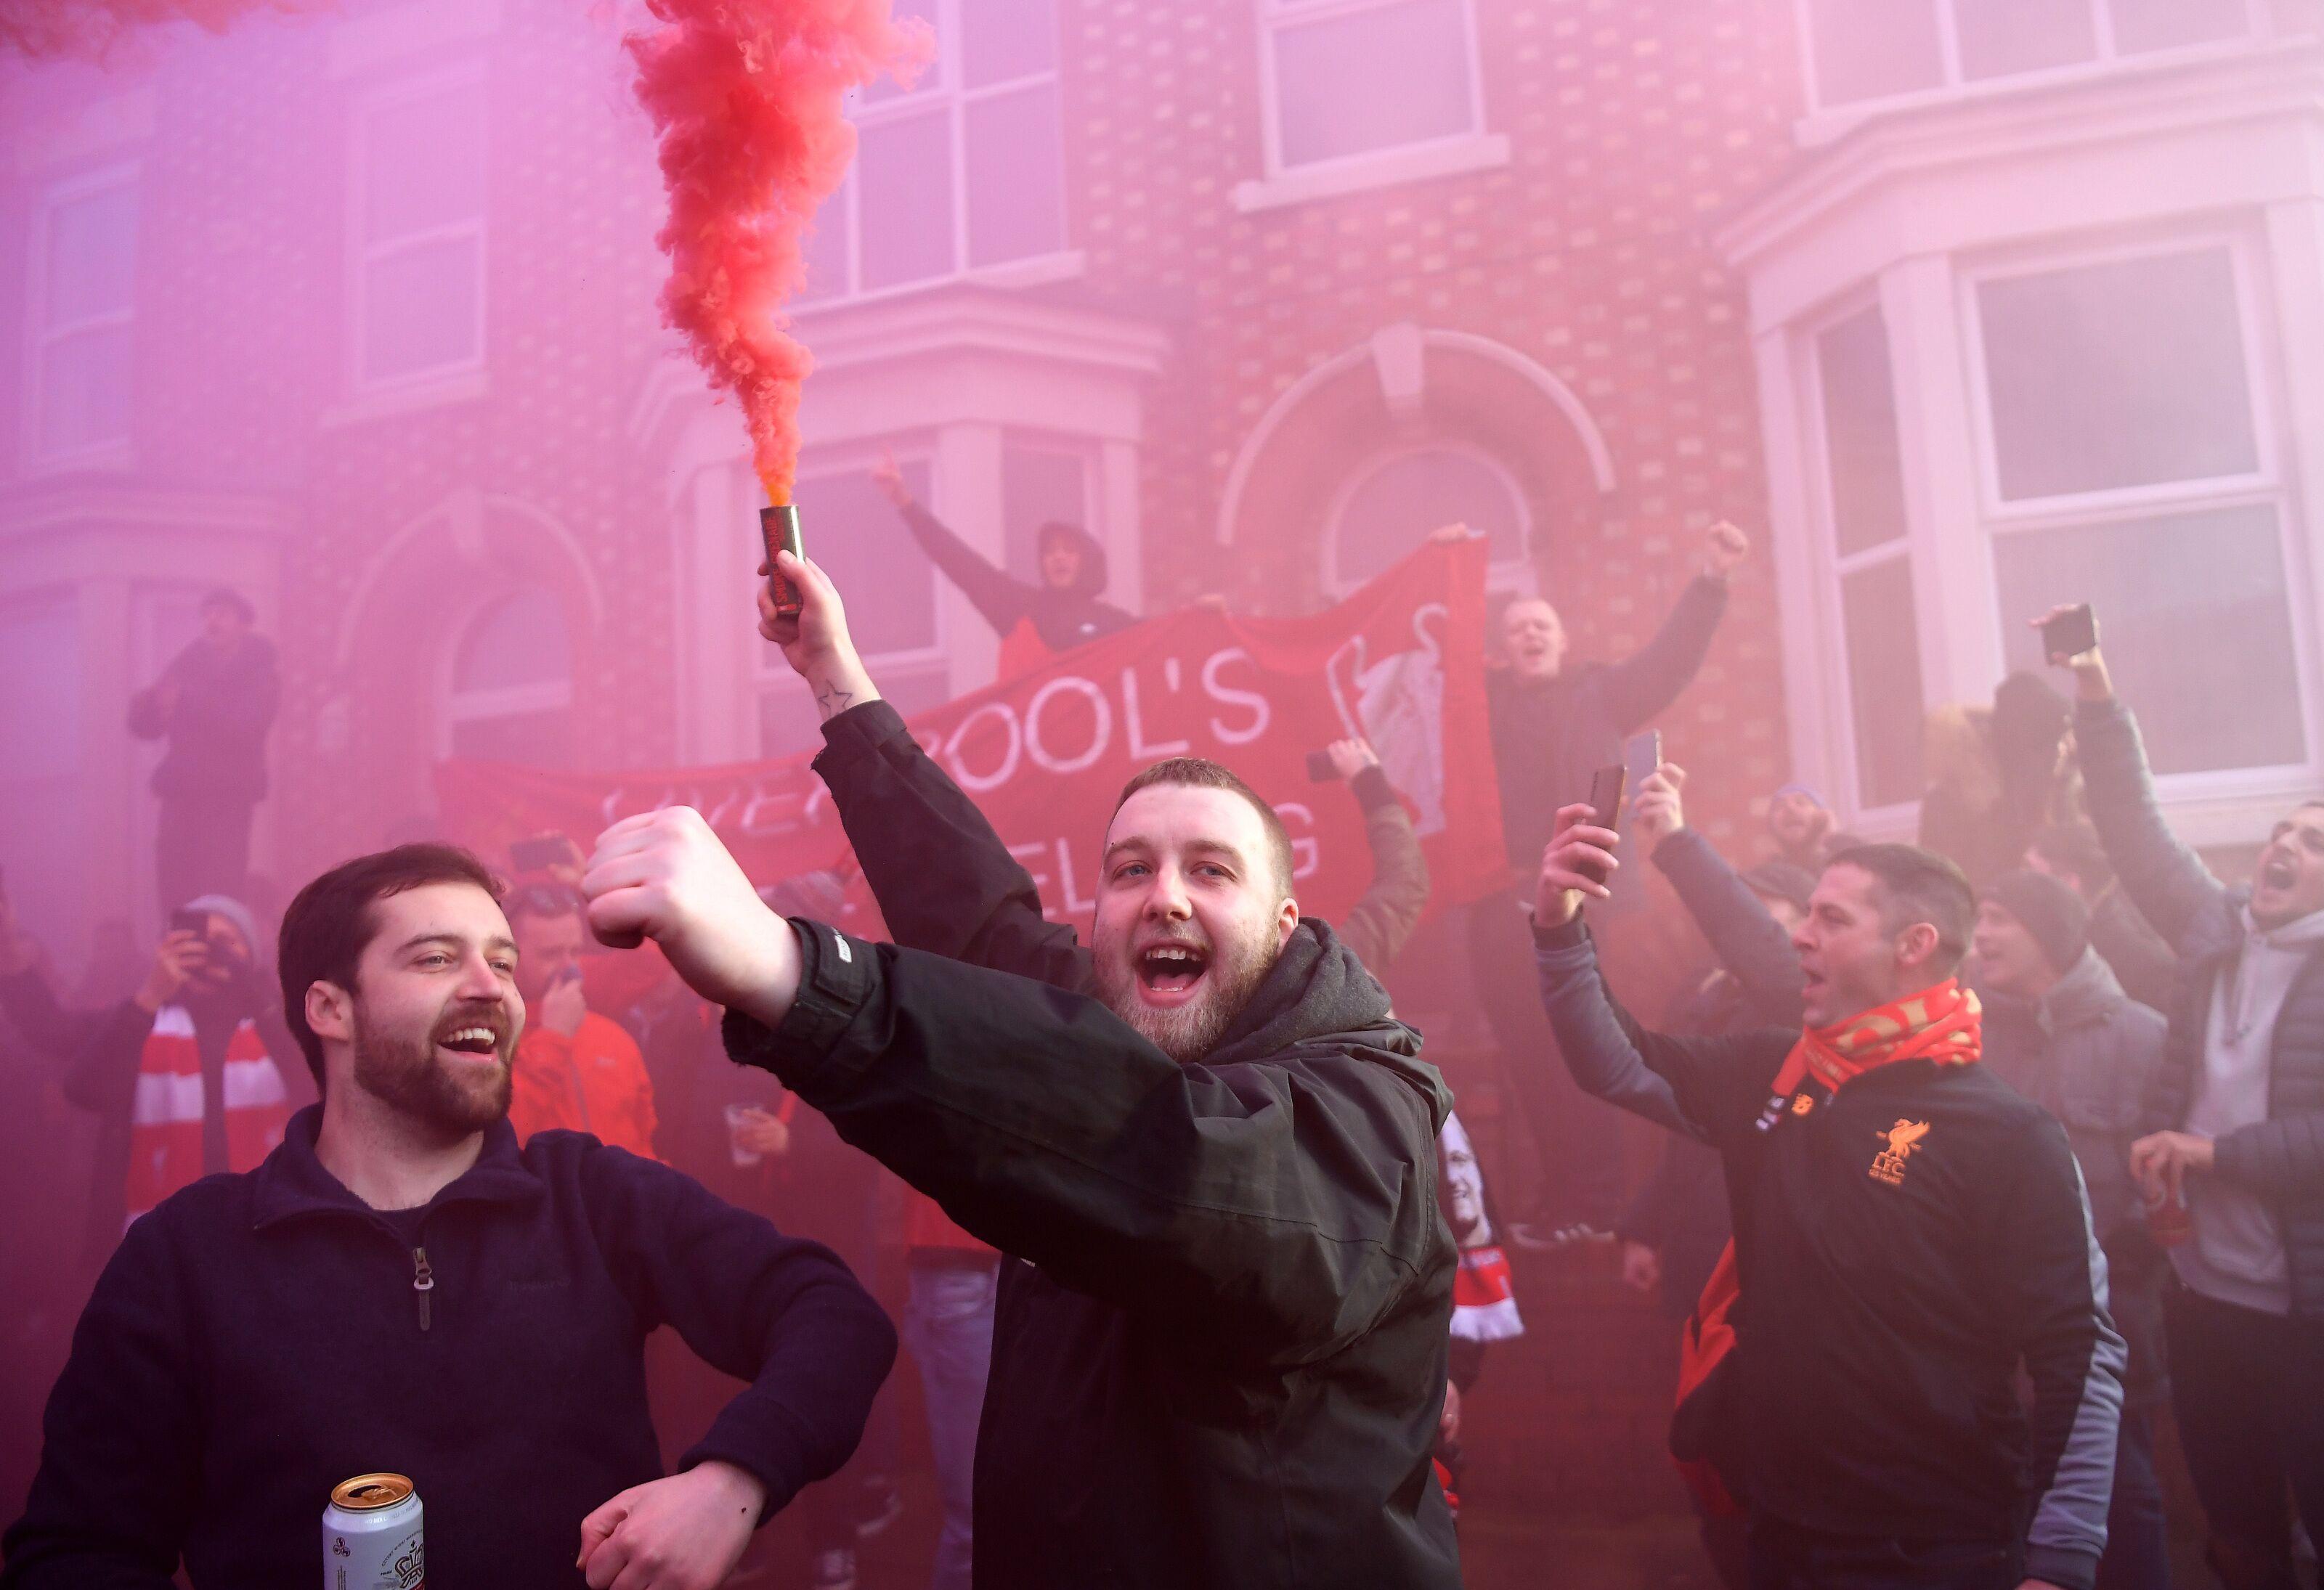 'Genius' 'Big mistake!' Liverpool fans split over £30m deal - Rush The Kop